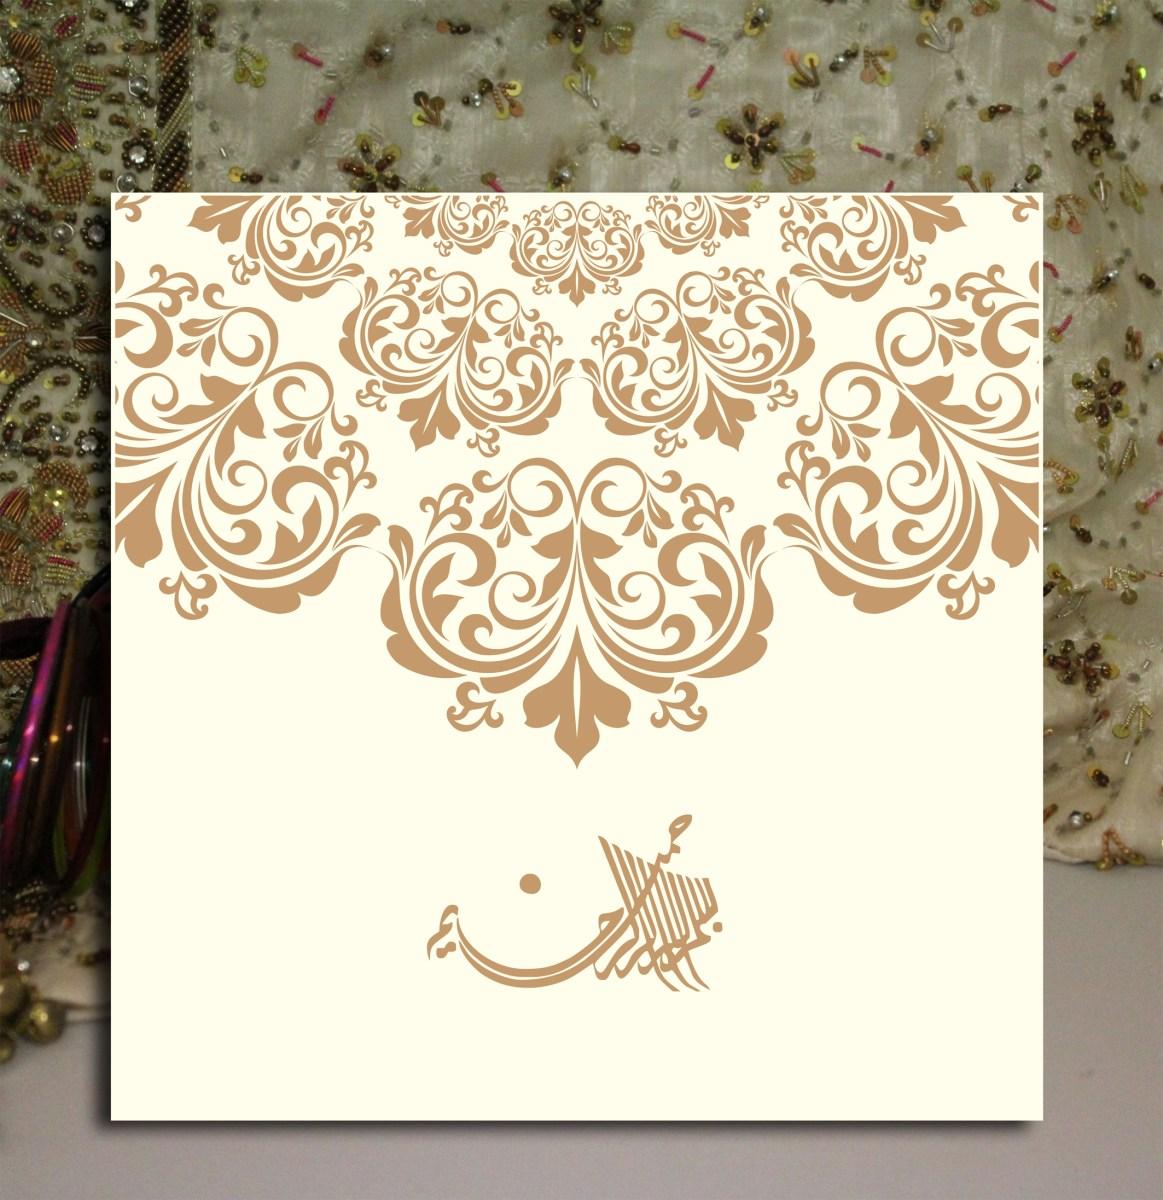 Muslim Wedding Invitations Cream Foiled Muslim Wedding Cards Ssc28c 085 Special Shaadi